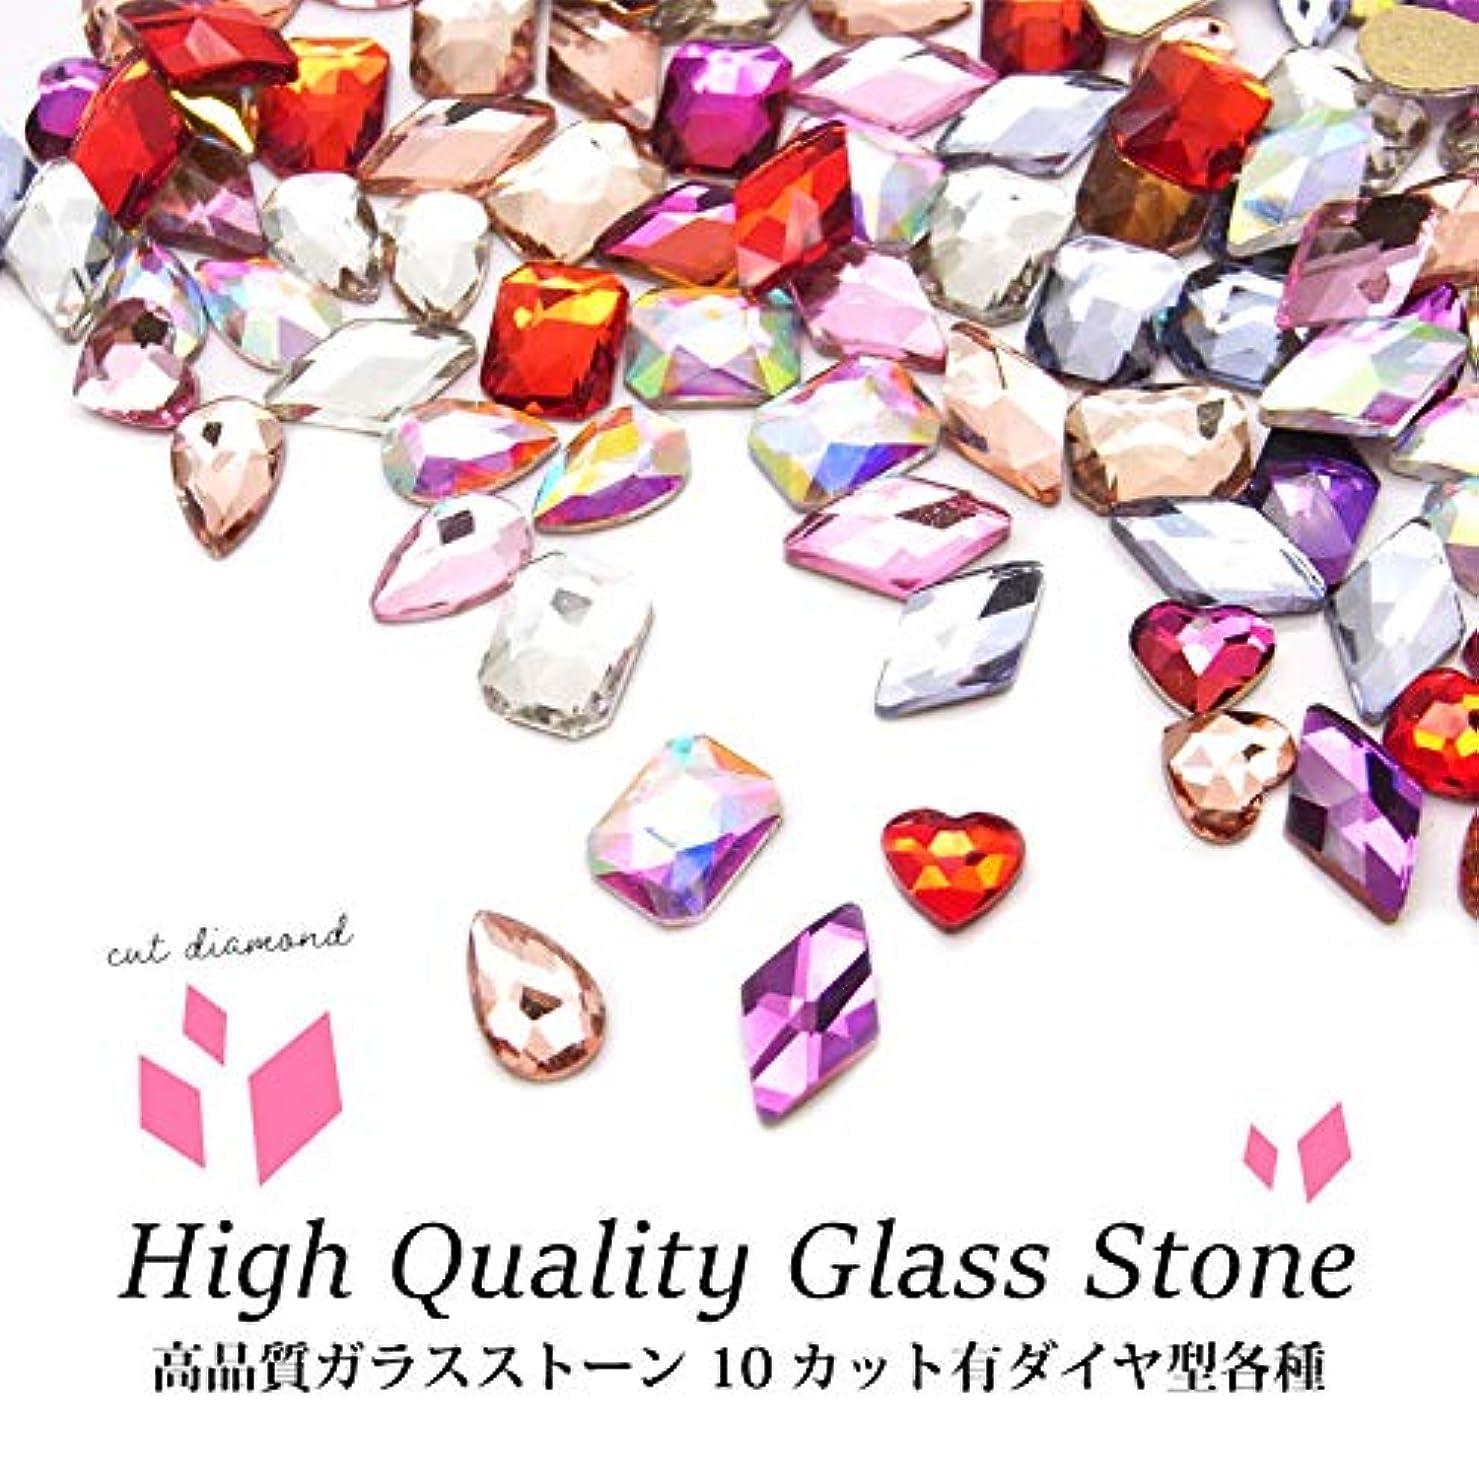 抵抗置換マンハッタン高品質ガラスストーン 10 カット有ダイヤ型 各種 5個入り (3.ピーチ)